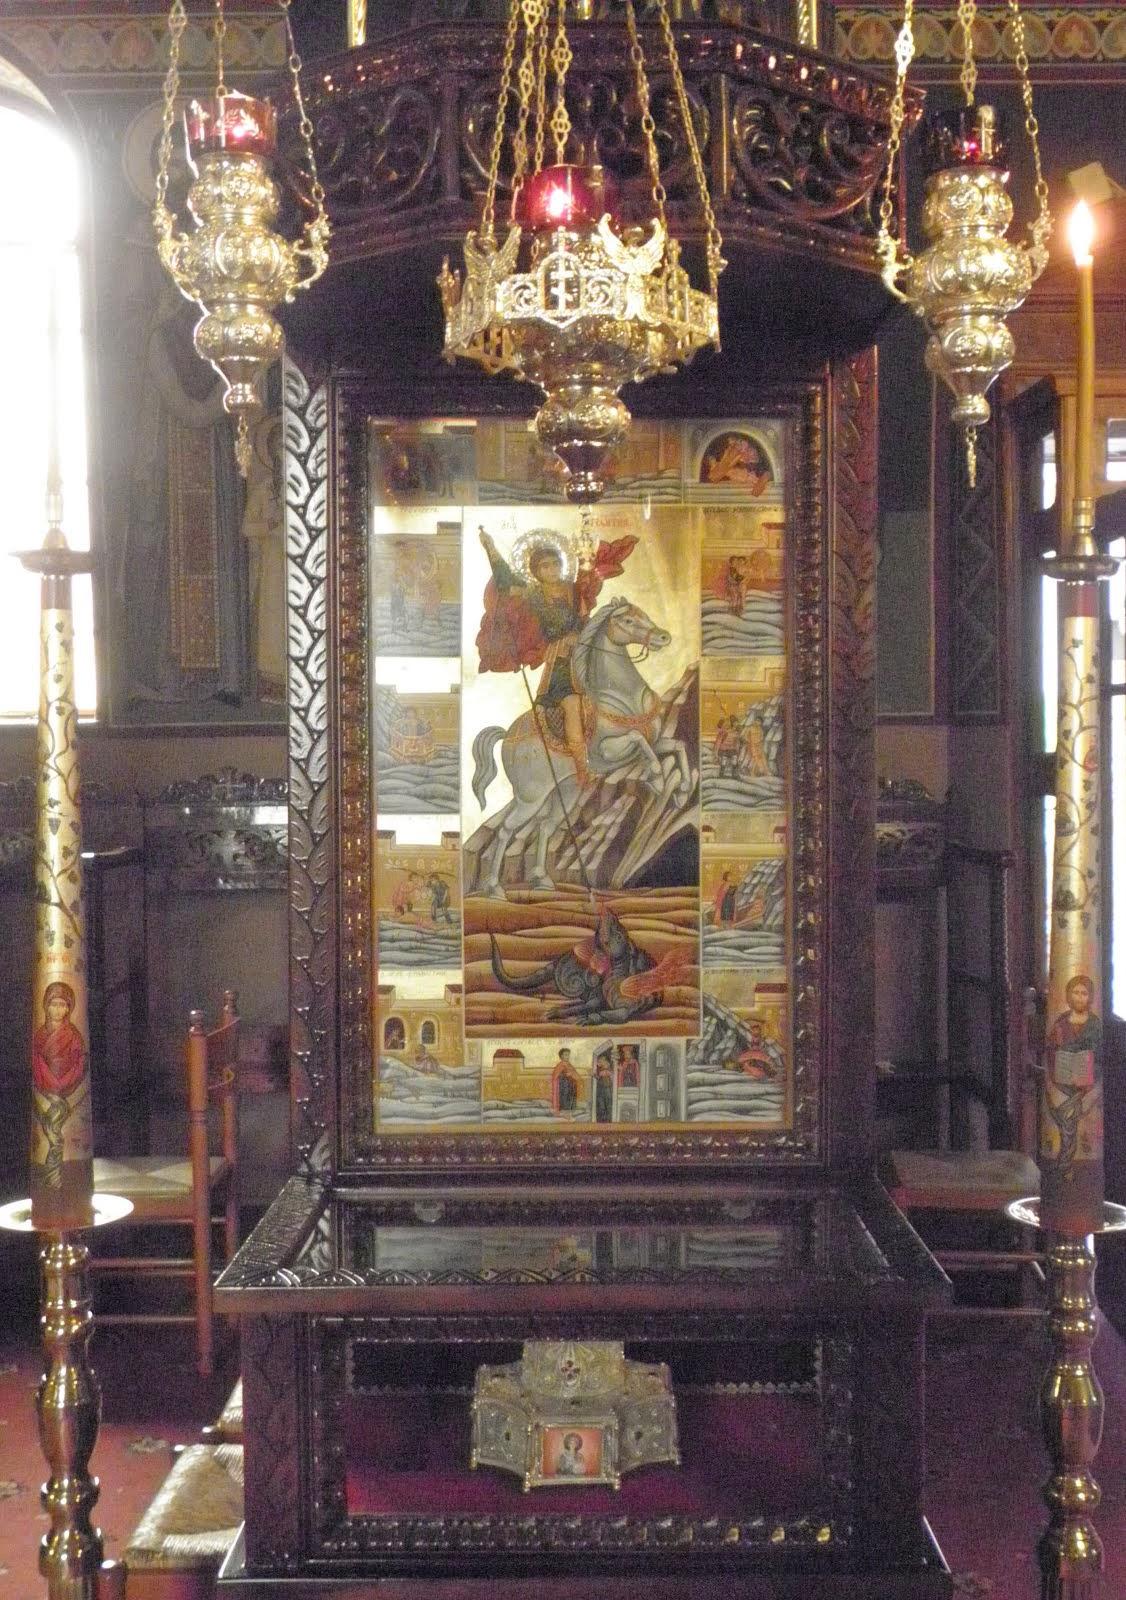 Τροπαιοφόρε Μεγαλομάρτυς Γεώργιε, πρέσβευε Χριστώ τω Θεώ, σωθήναι τας ψυχάς ημών